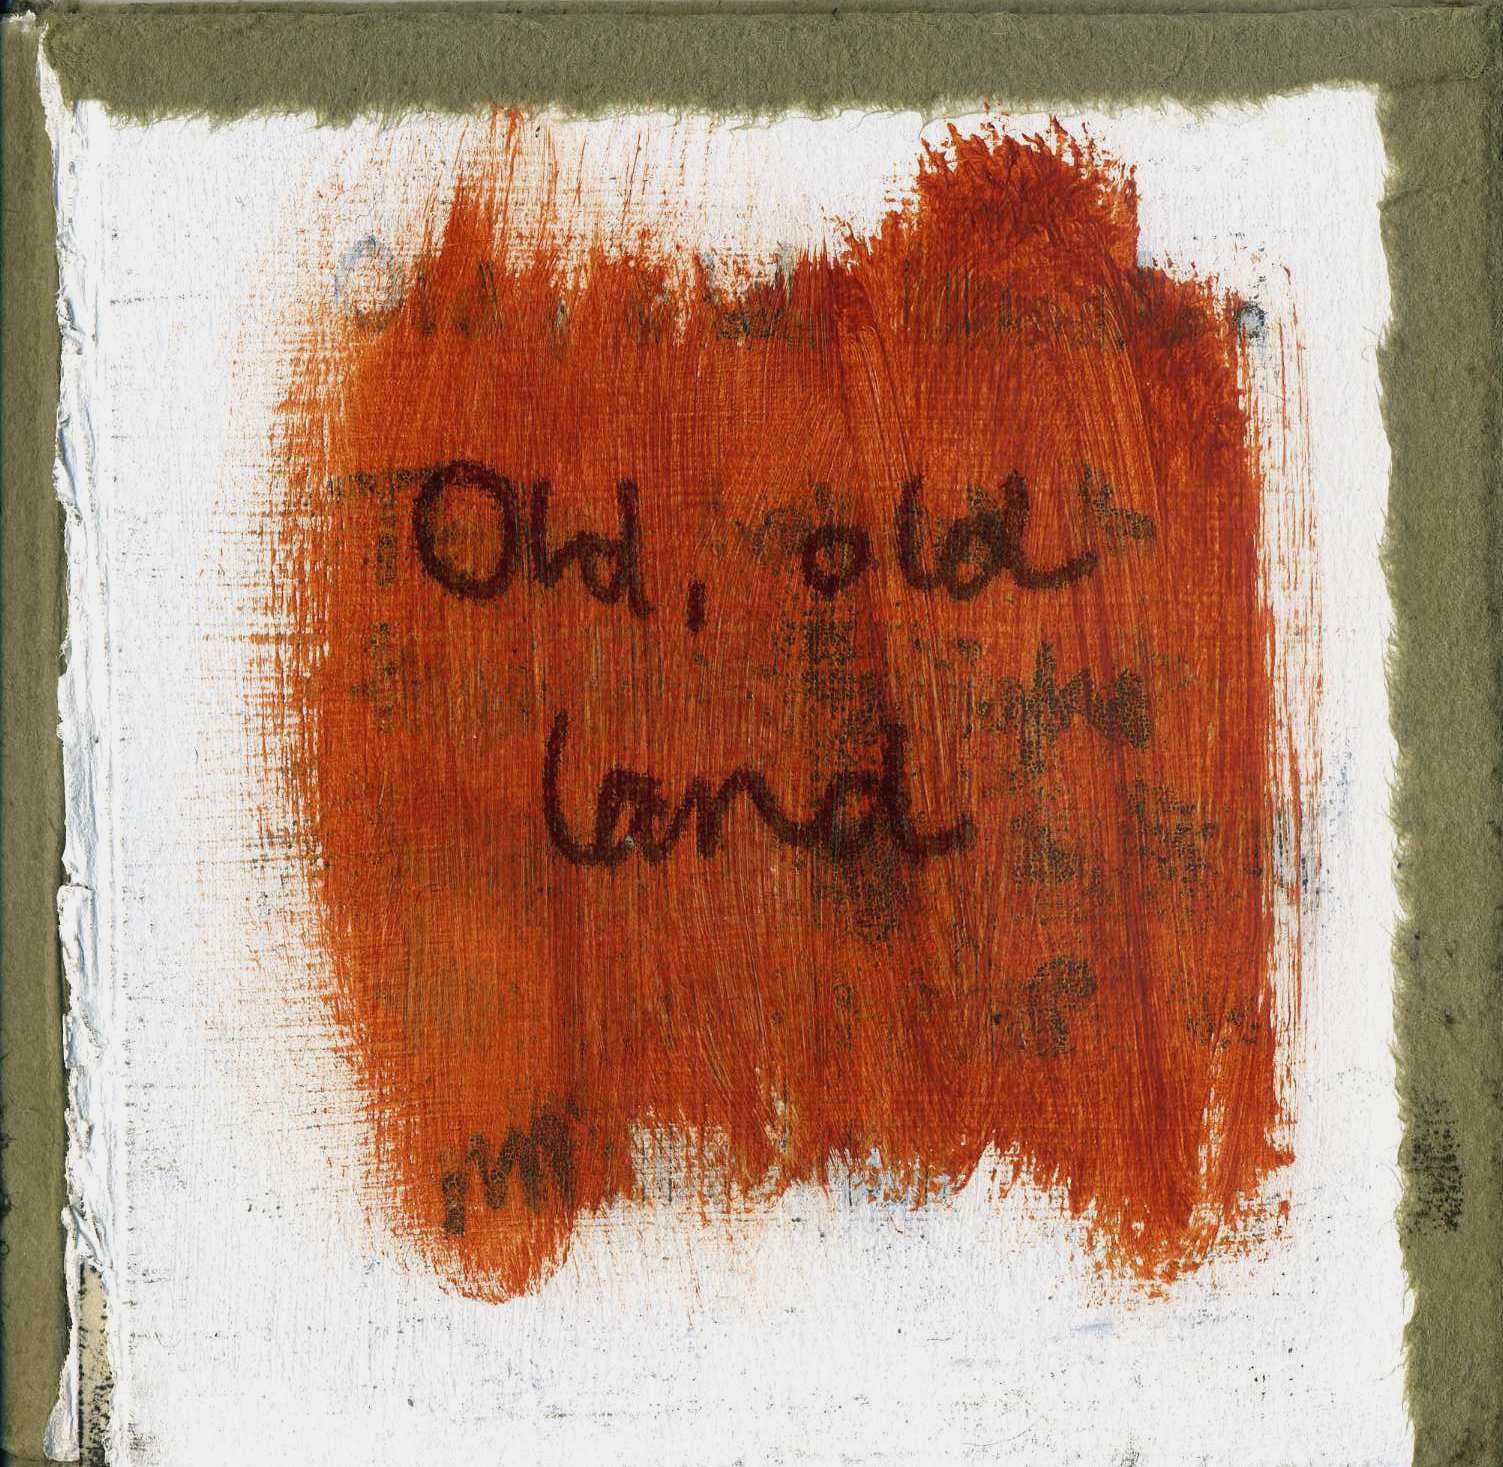 wendy-dison-Christies-Field-2012-detail-6.jpg